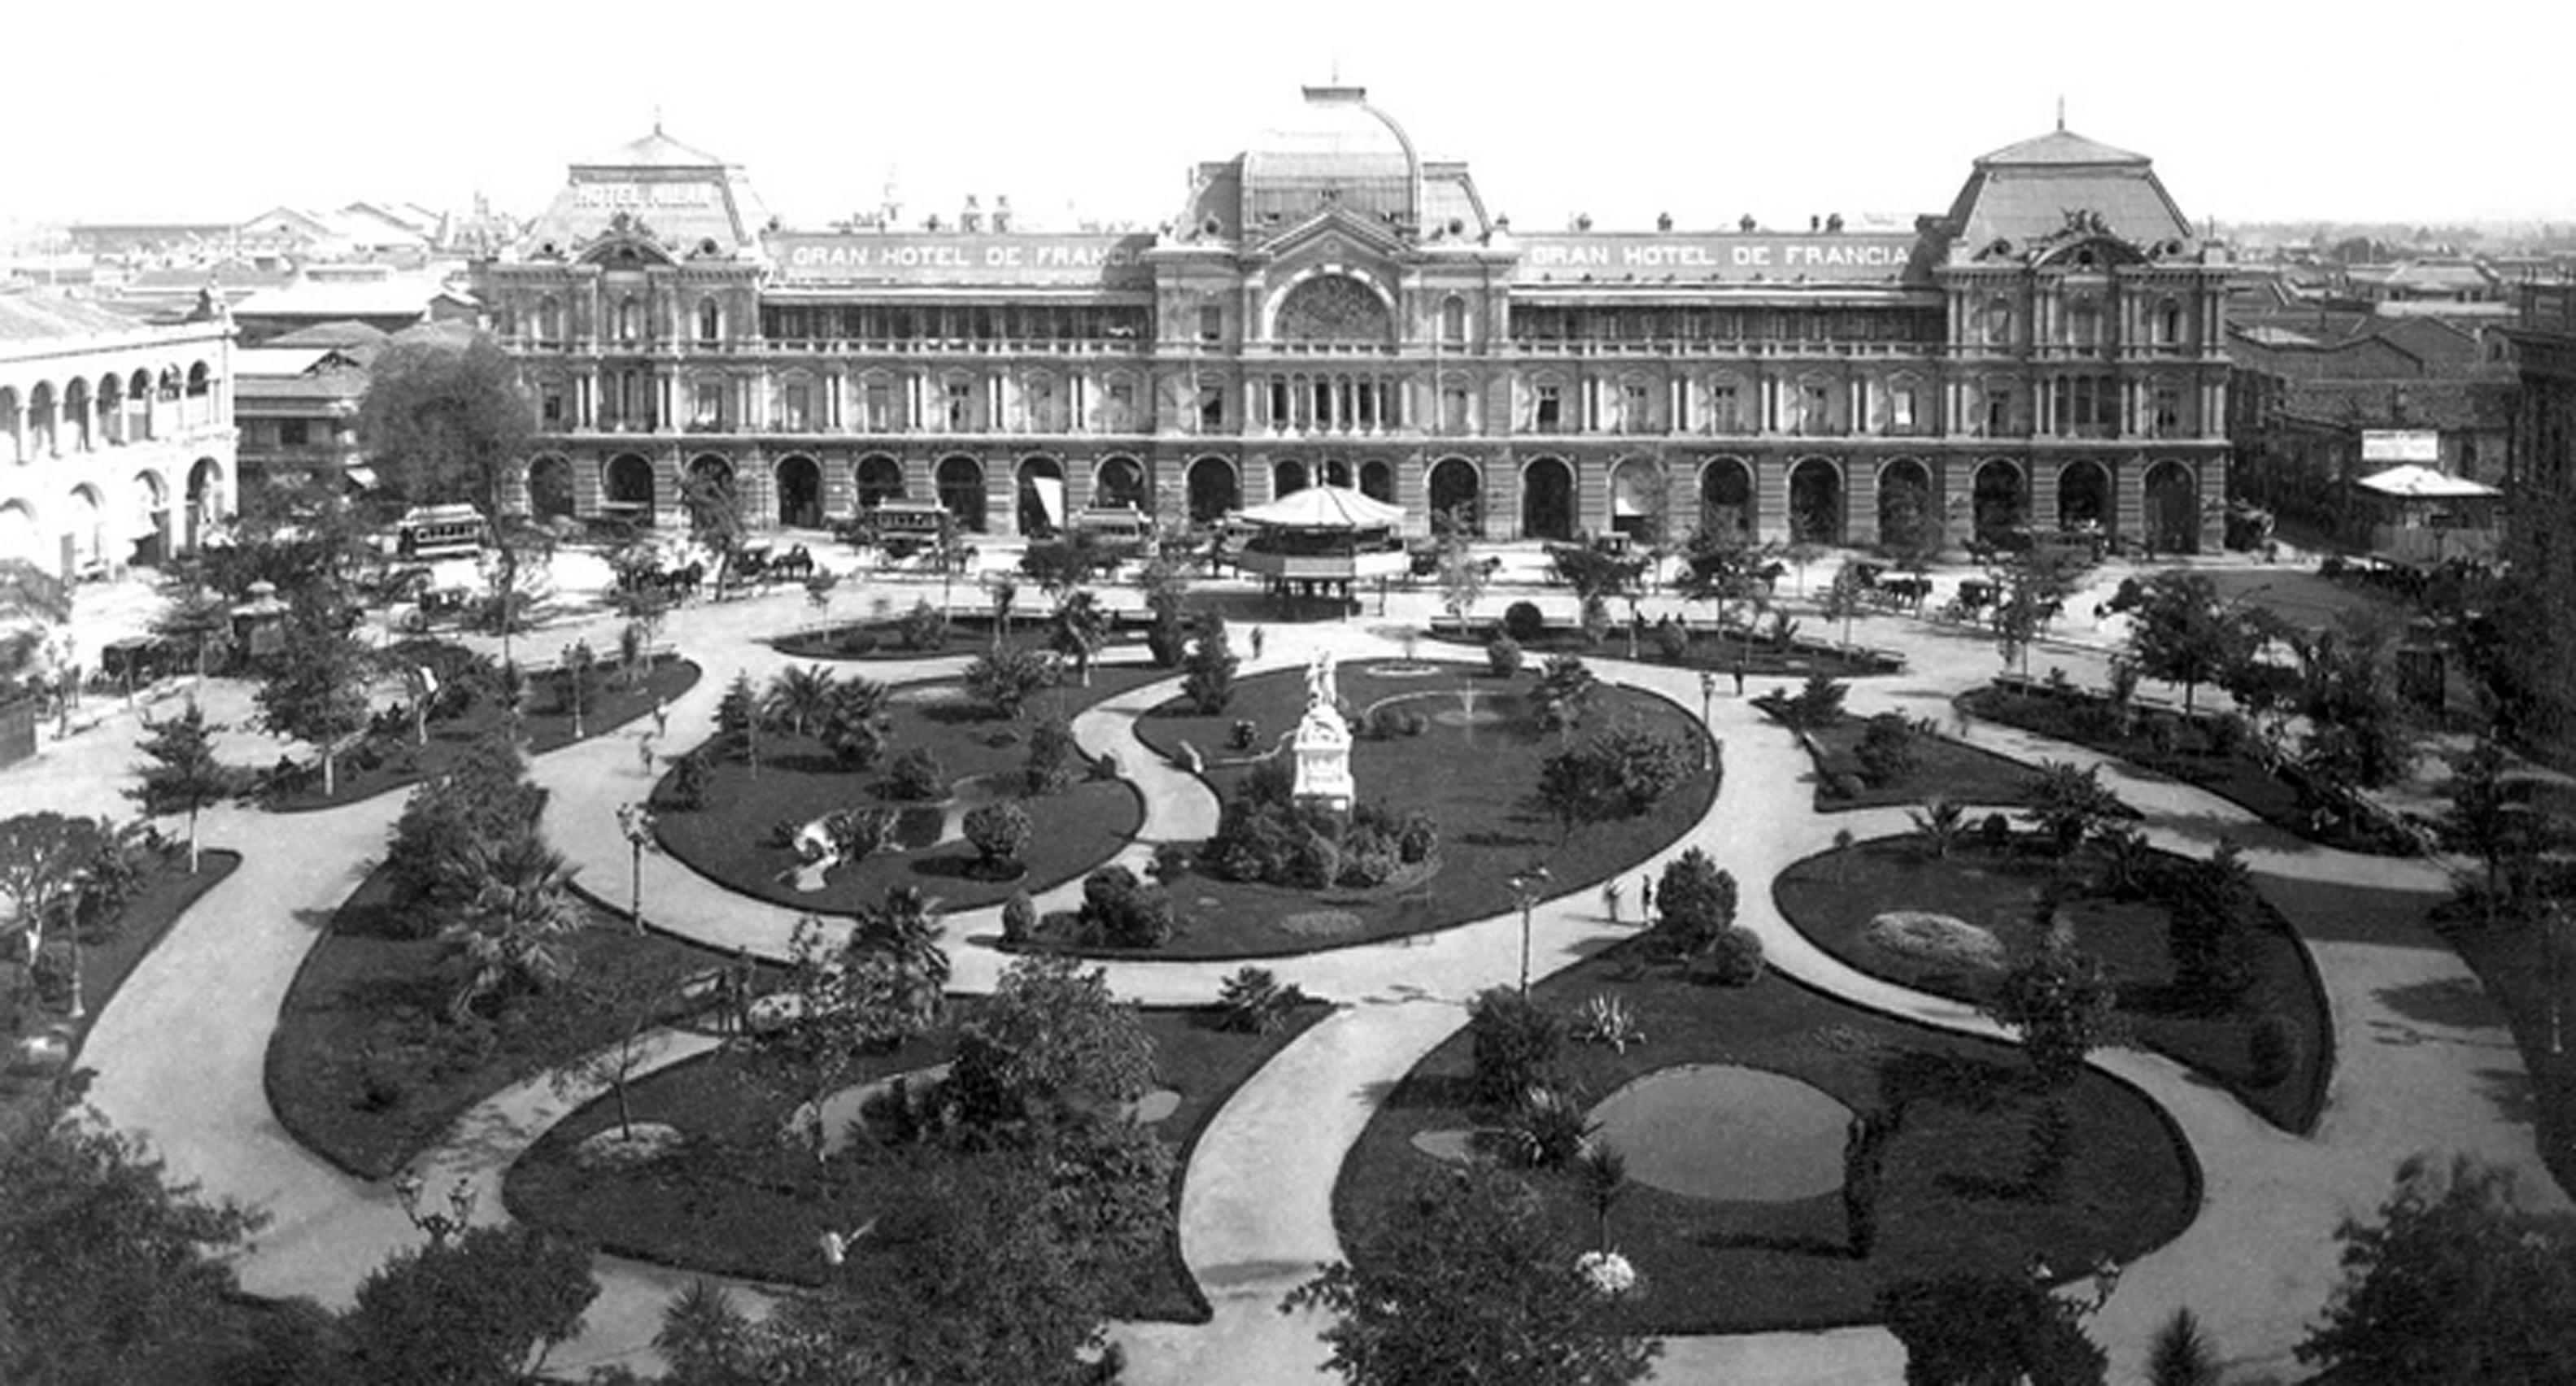 Enterreno - Fotos históricas de chile - fotos antiguas de Chile - Plaza de Armas de Santiago en 1890